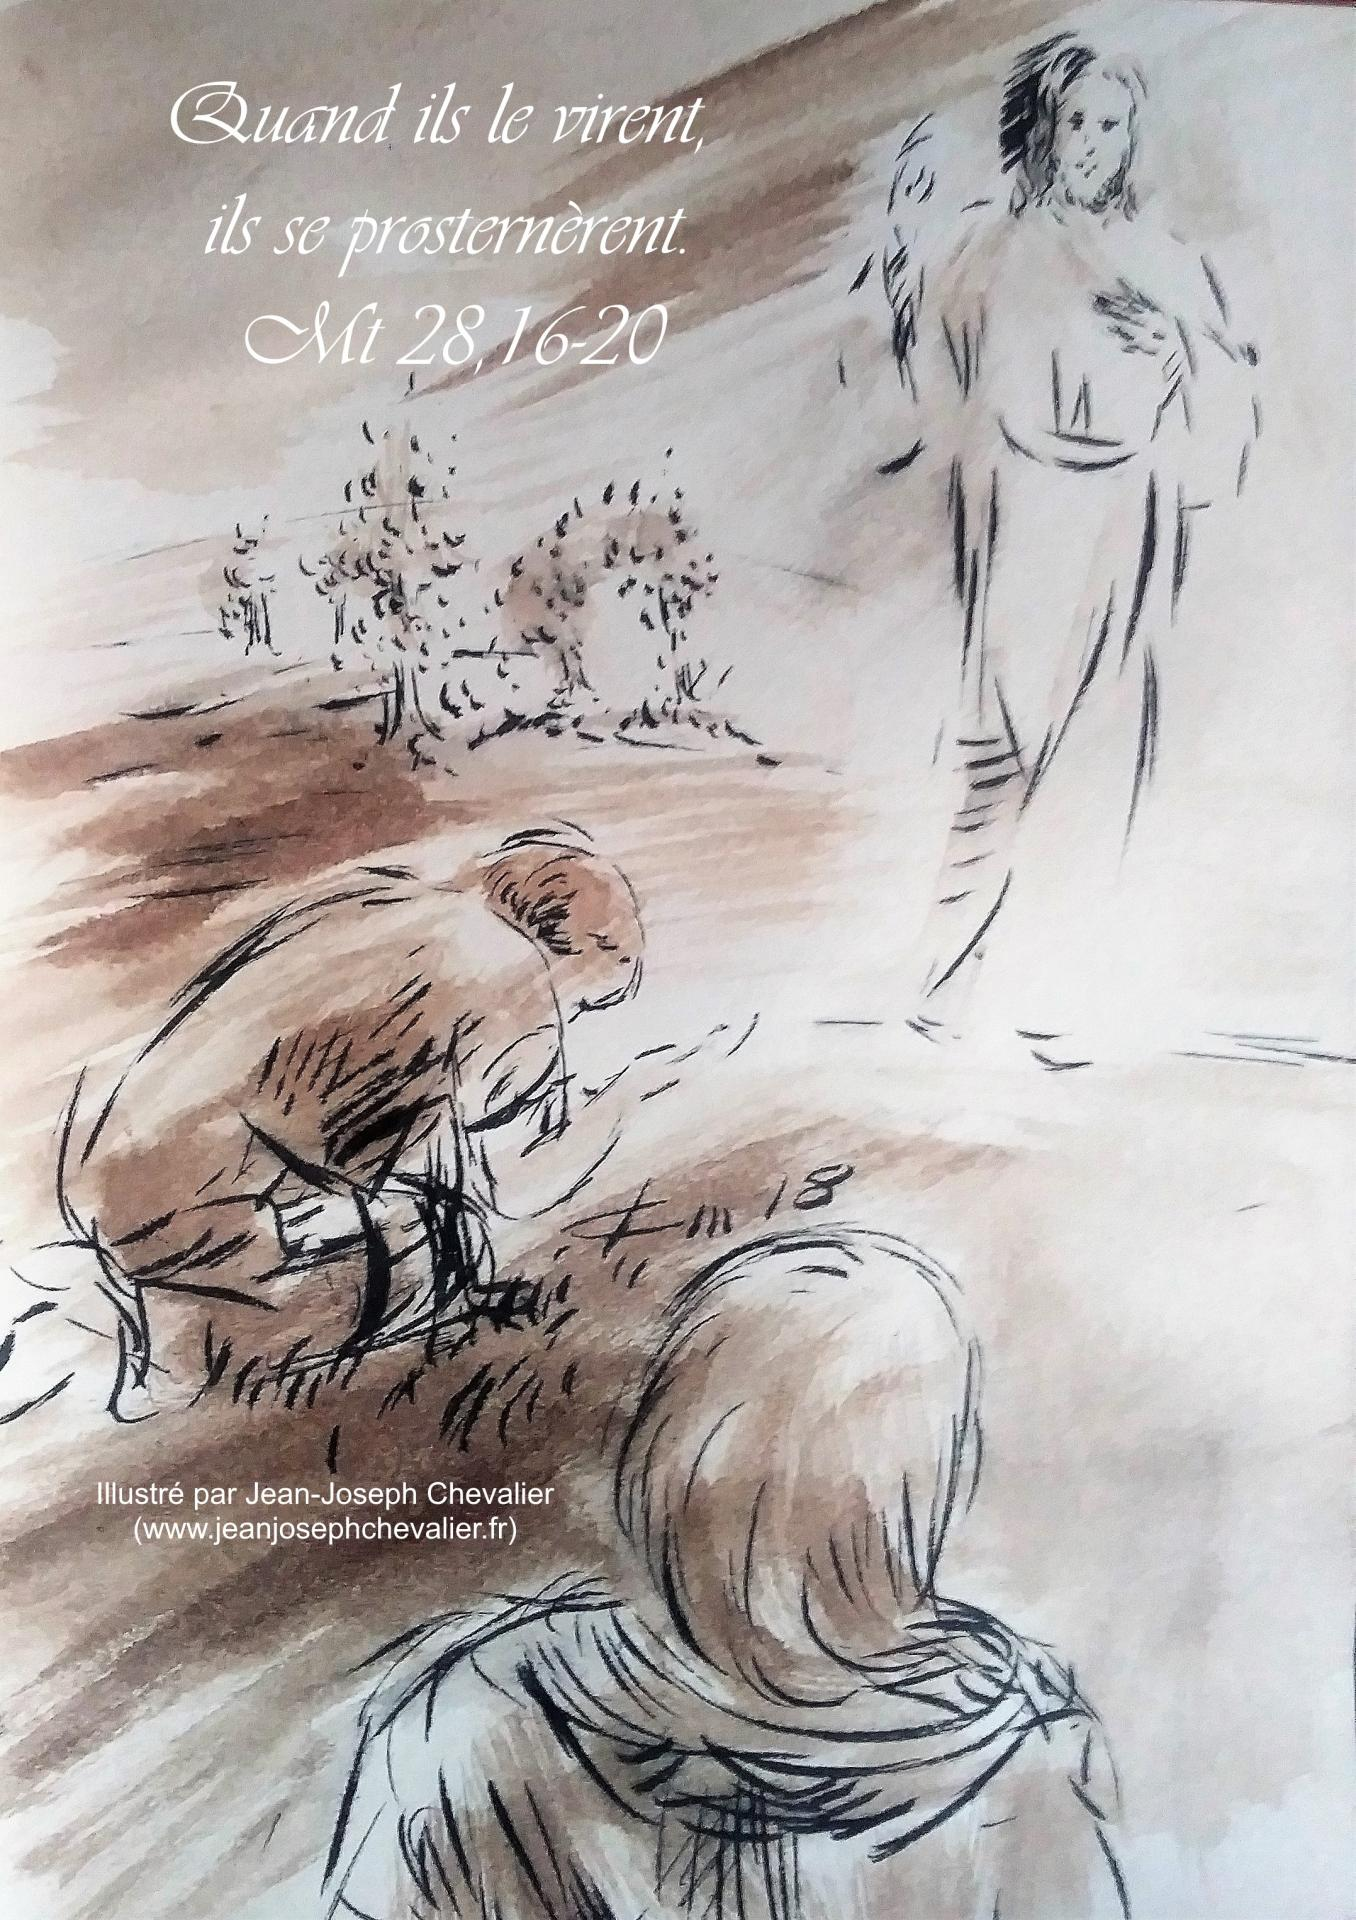 27 mai 2018 evangile du jour illustre par un dessin au lavis de jean joseph chevalier image